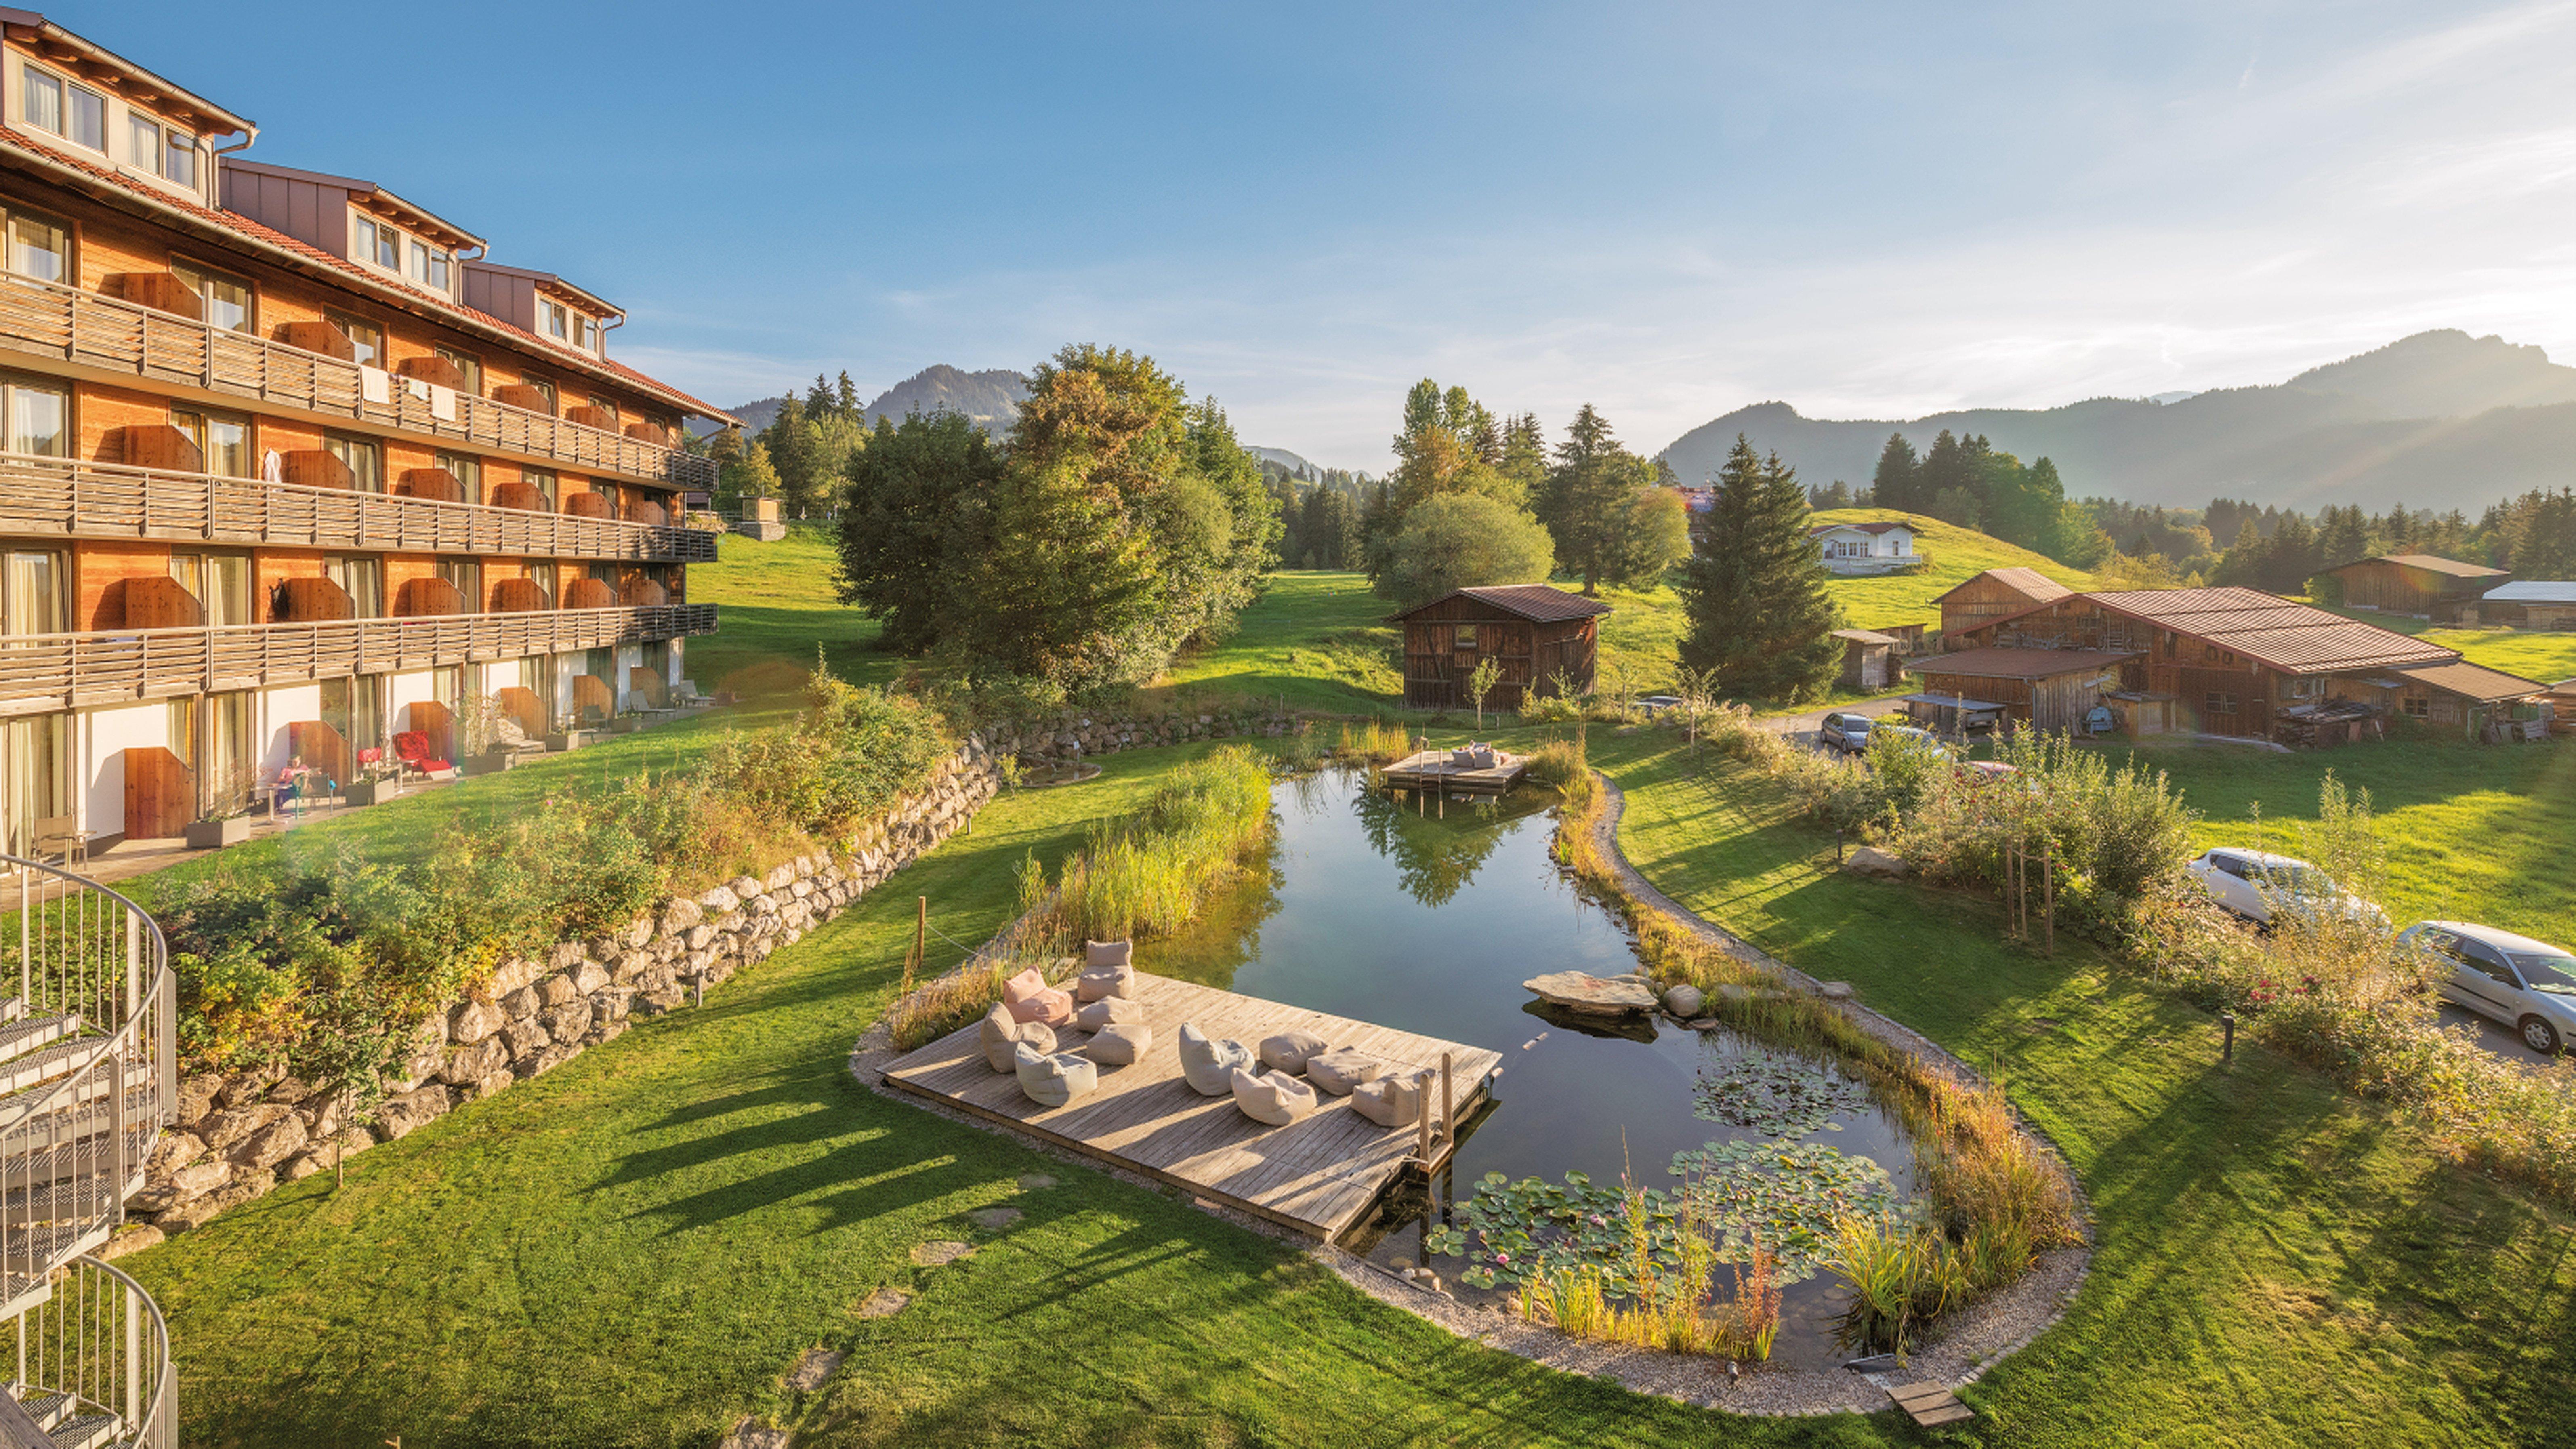 Die 20 Schonsten Wellnesshotels In Bayern Unser Guide 2019